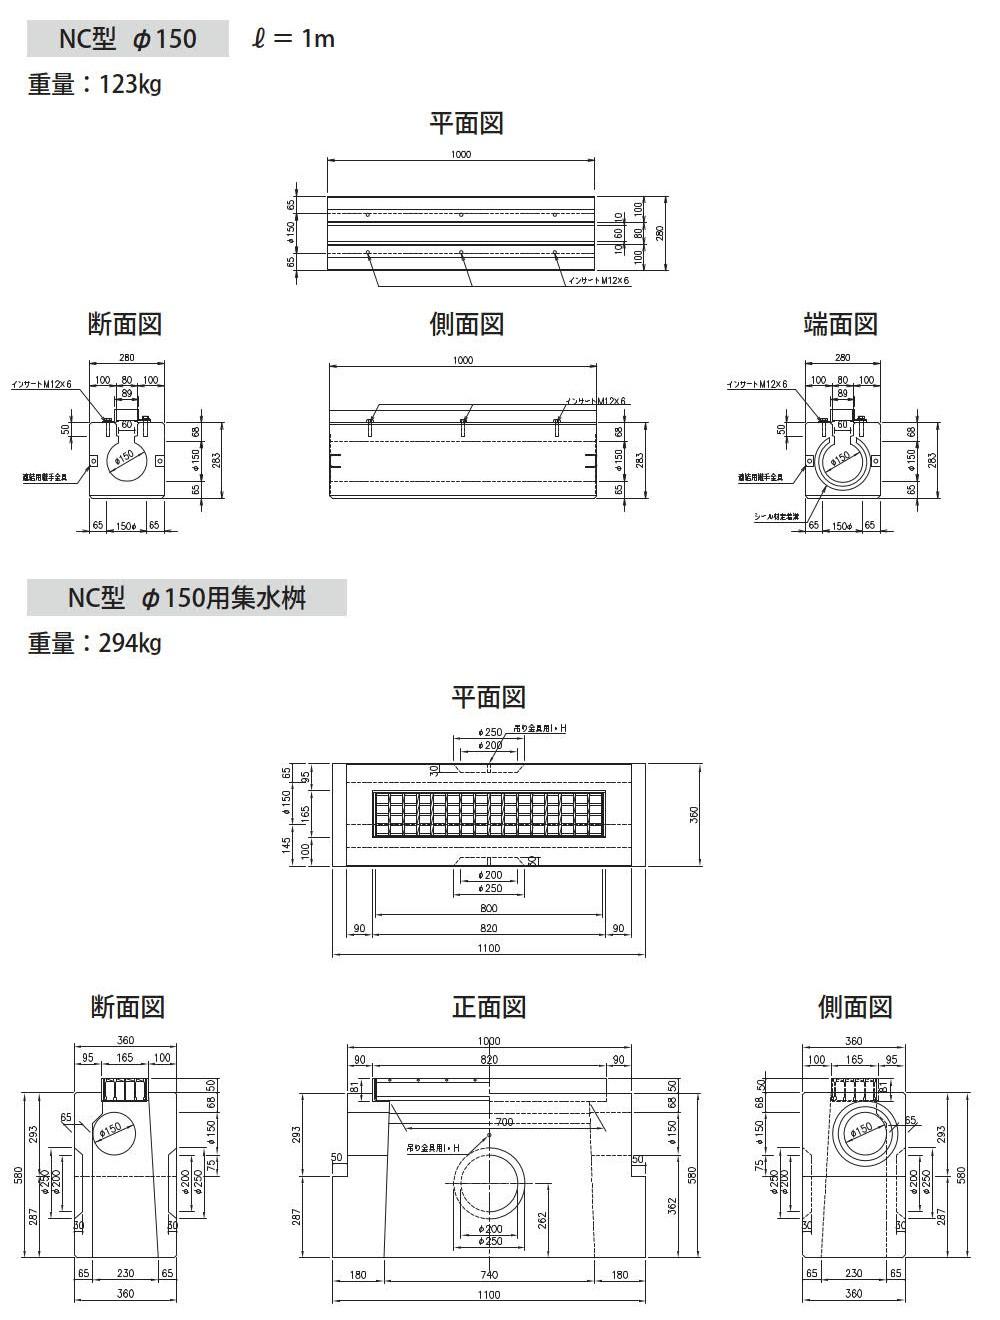 オリジナル側溝|円形水路 NC型 外形寸法 0